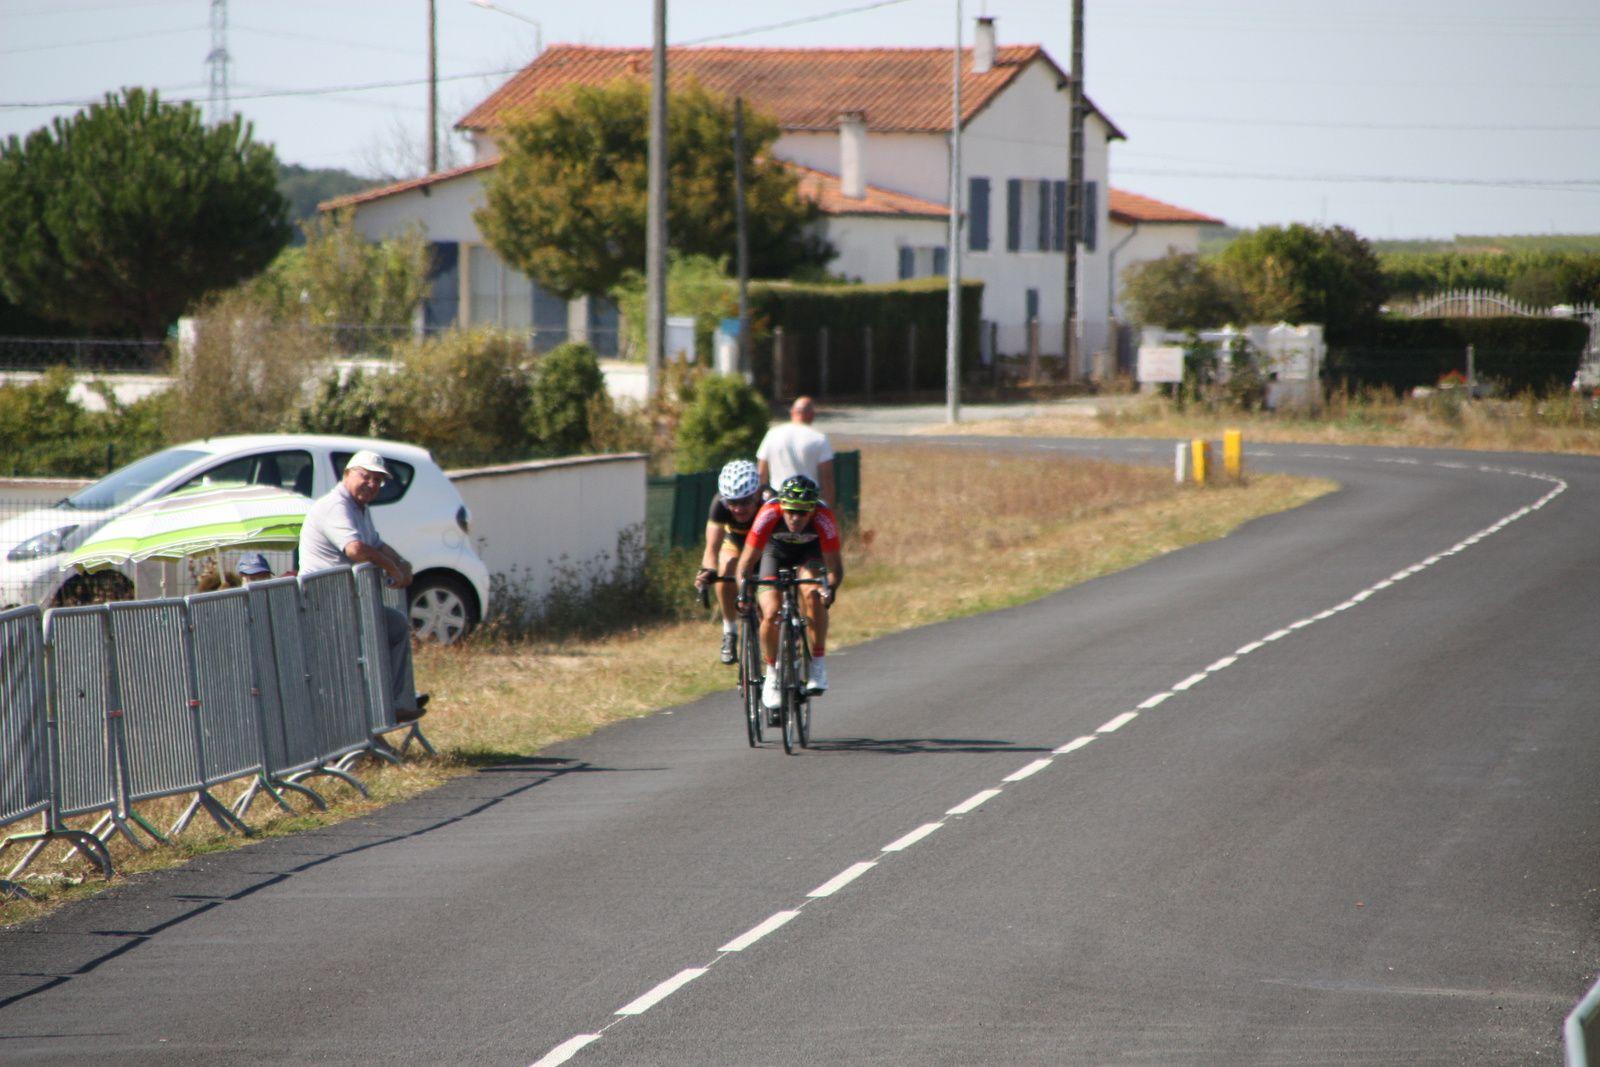 Florent  FRIOU  et  Laurent  LEVEQUE  sont  sortit, Arthur  BAUCHAUD  et  Cyrille  CHAMBON  emménent  le  peloton.